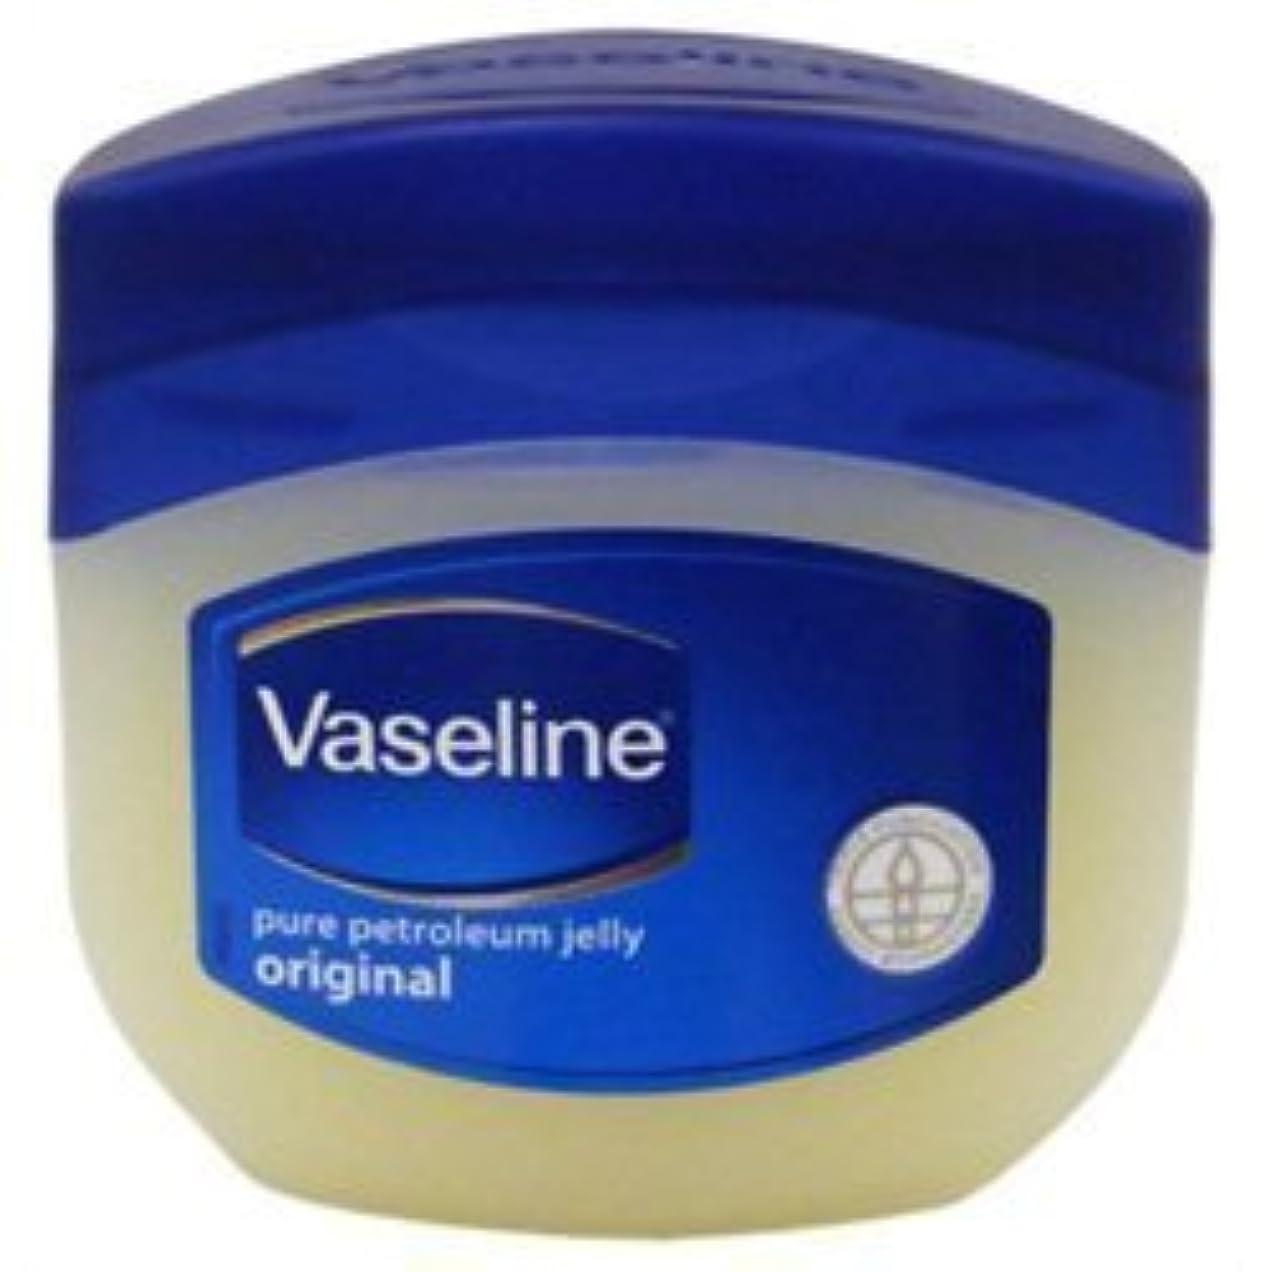 南アメリカガイドキリン【Vaseline】ヴァセリン ピュアスキンジェリー (スキンオイル) 80g ×5個セット